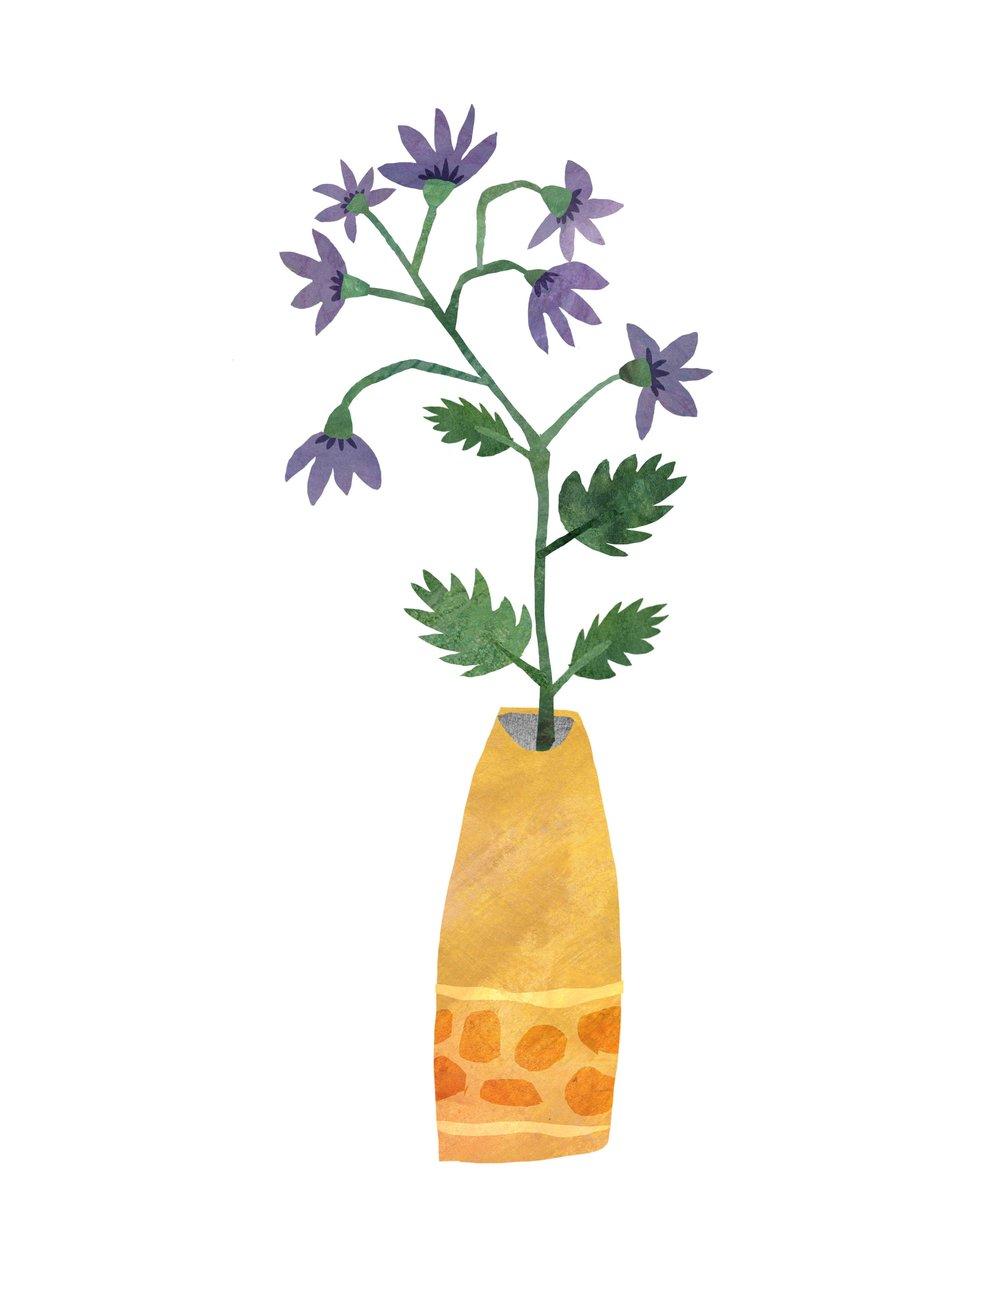 purple-flowers-yellow-vase.jpg